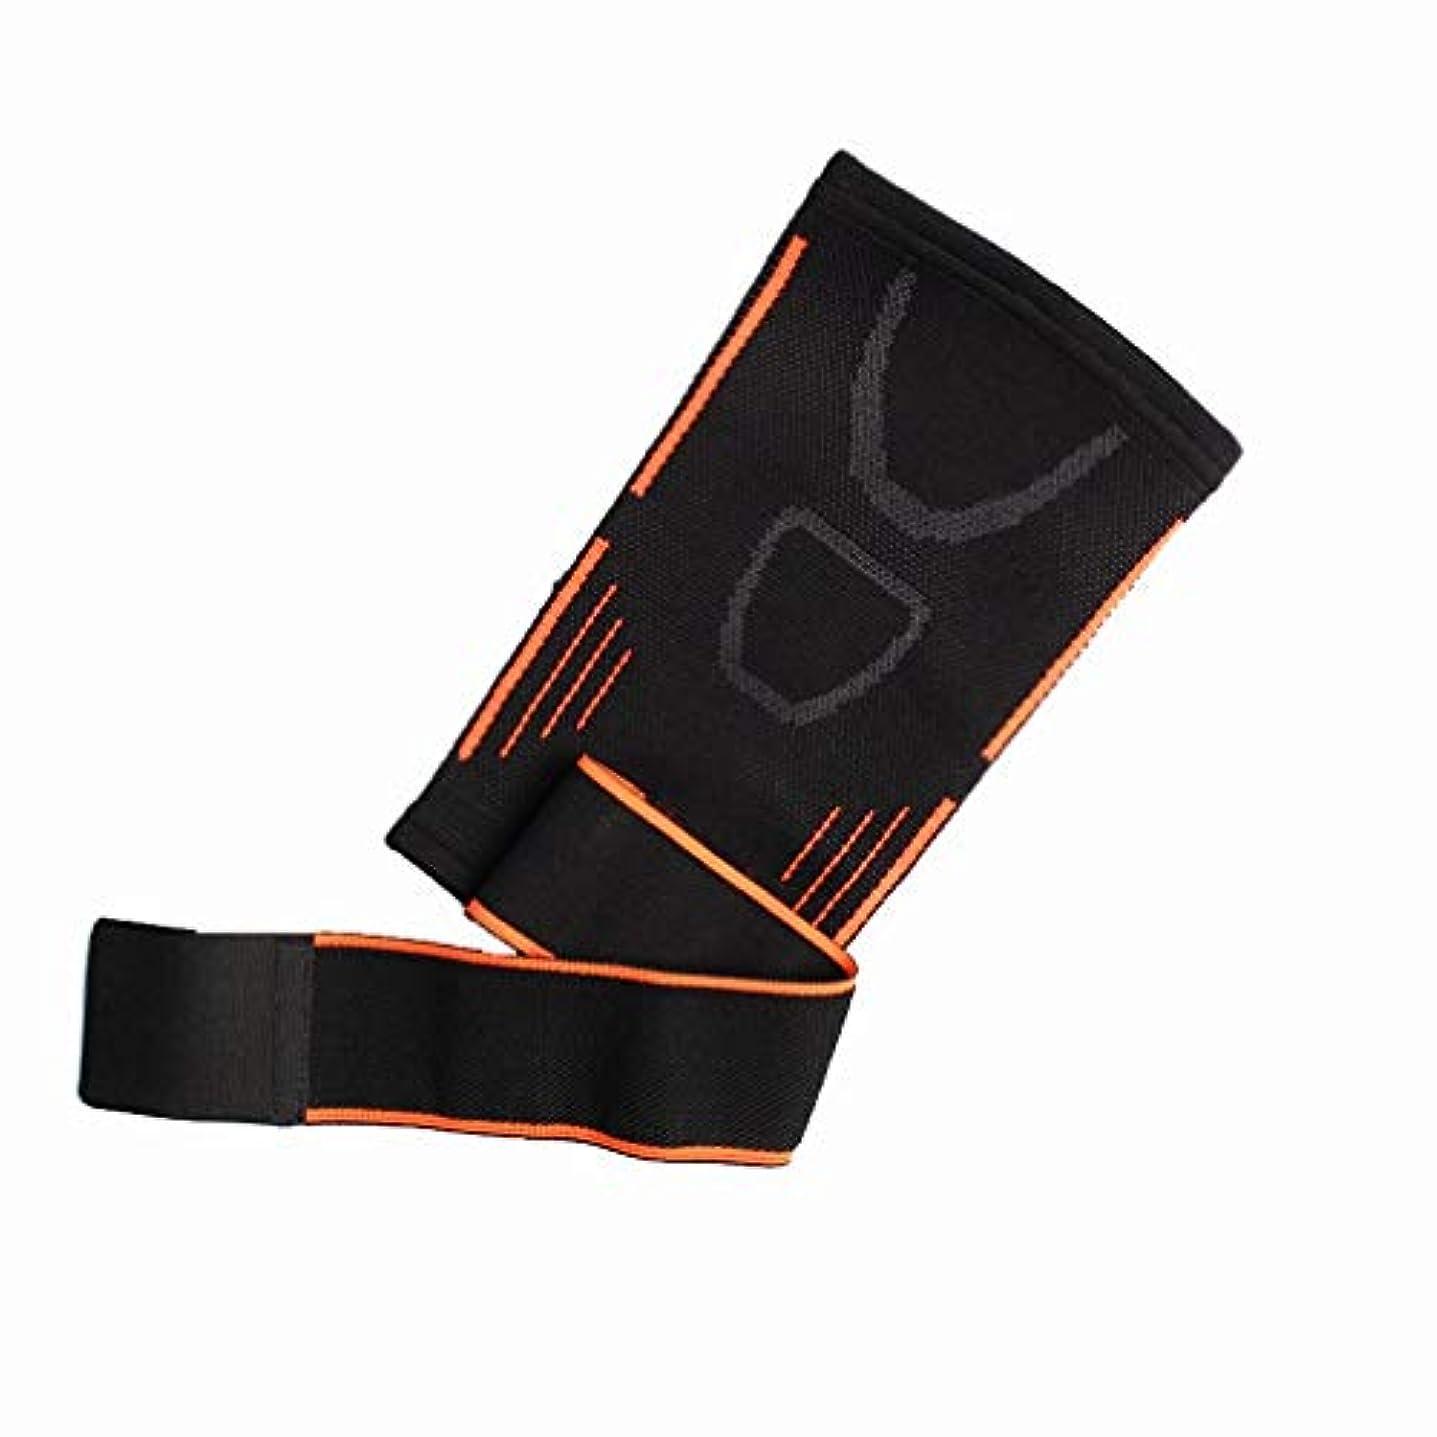 解くスペード降臨屋外スポーツ圧縮肘ニット肘テニス肘サポート肘ガード-innovationo